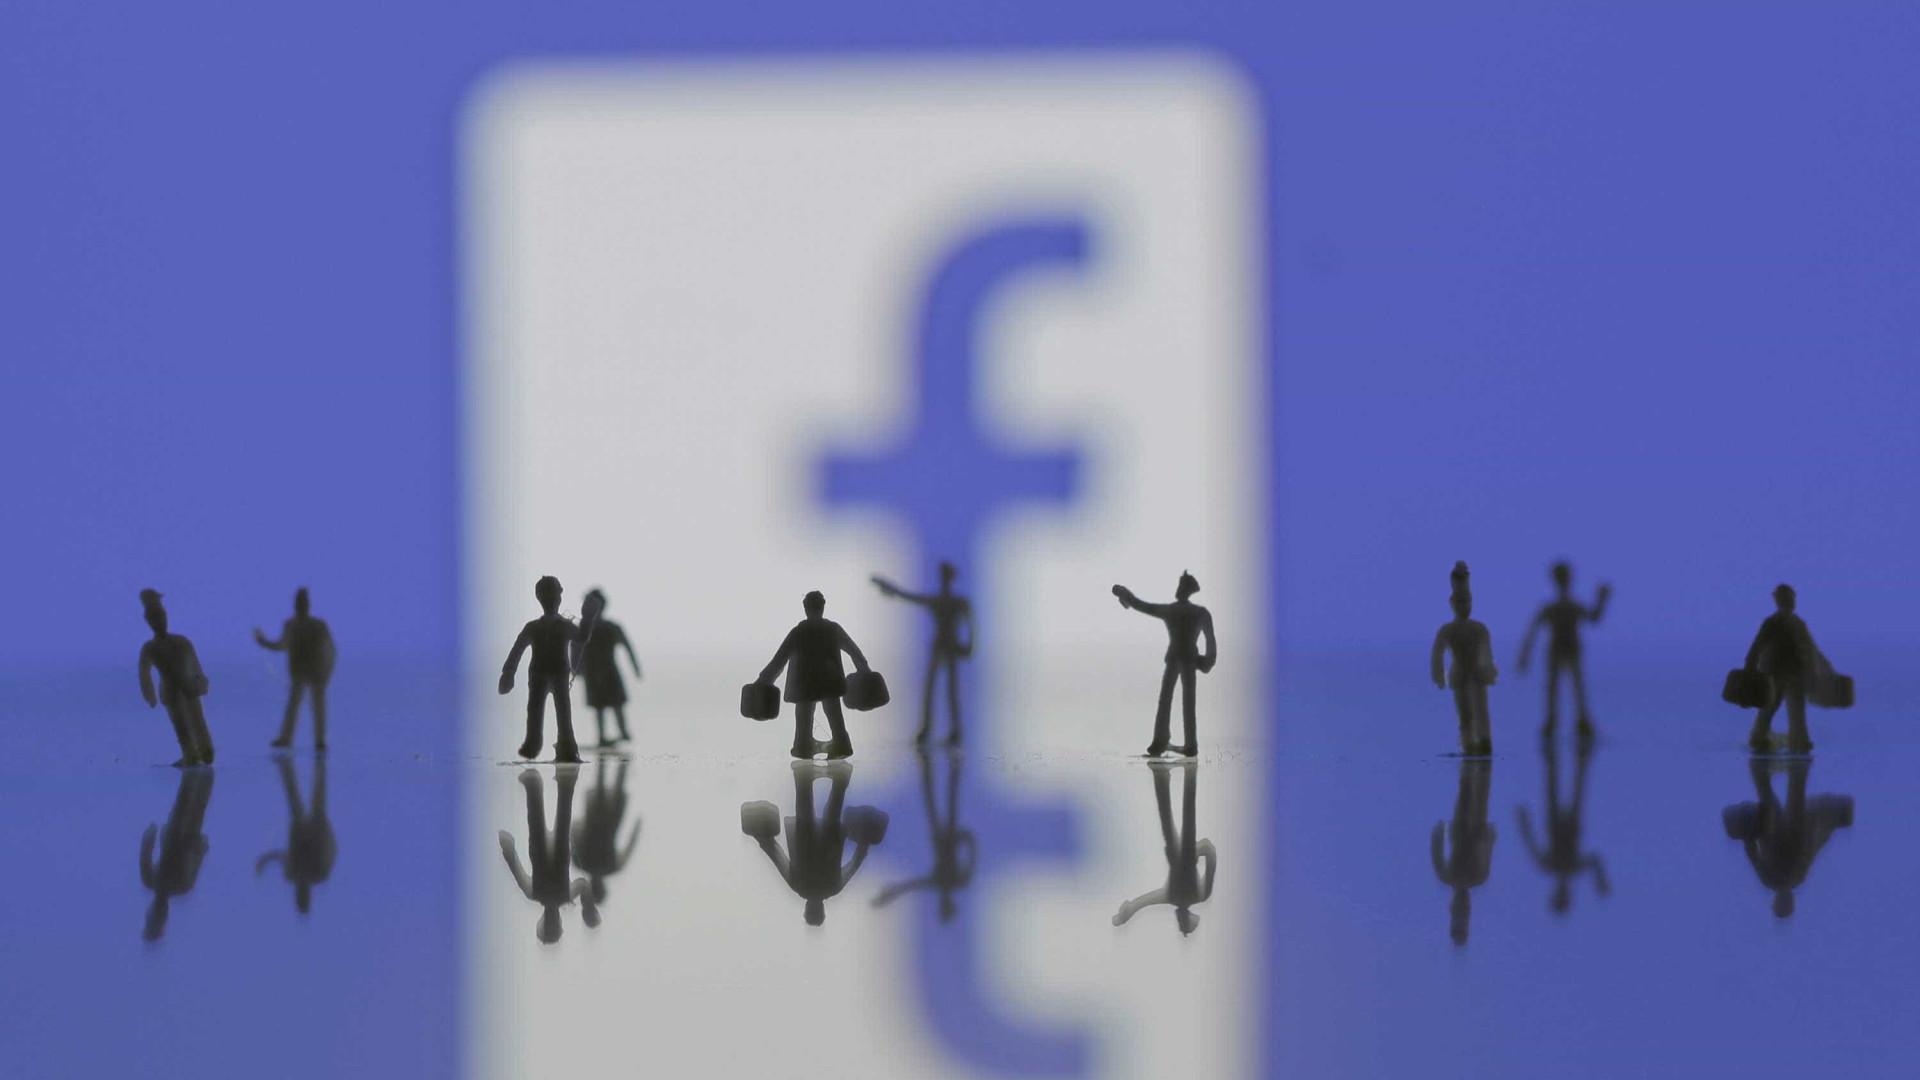 O Facebook eliminou (finalmente) uma das suas piores funcionalidades